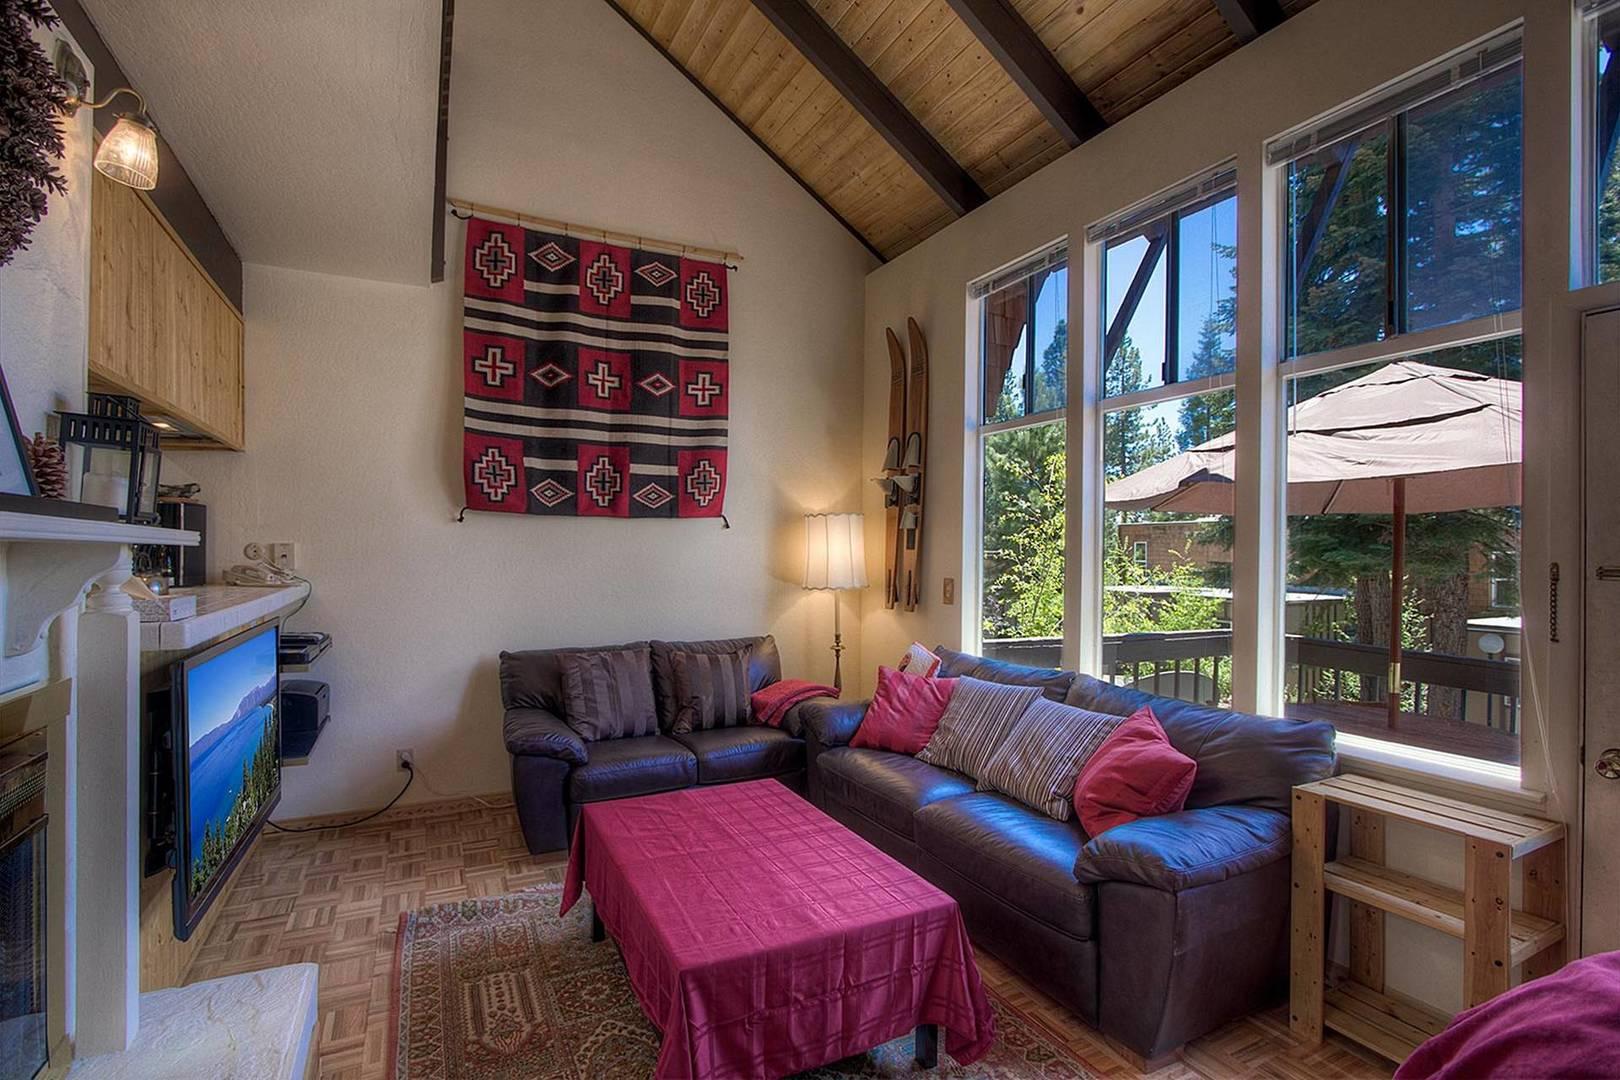 tcc0663 Lake Tahoe Vacation Rental